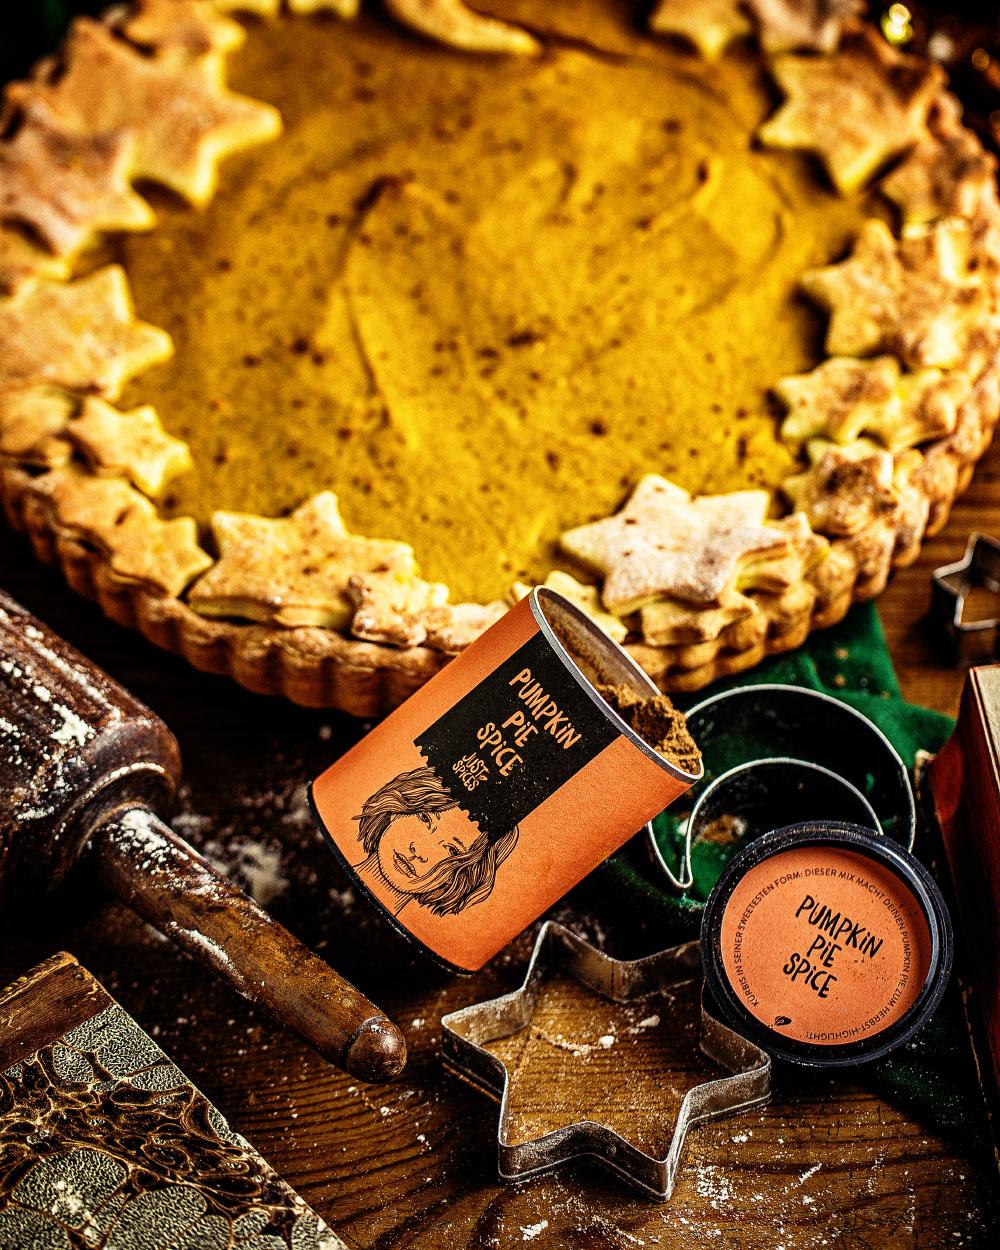 Amerikanischer Pumkin-Pie einfaches Rezept kalorienreduziert